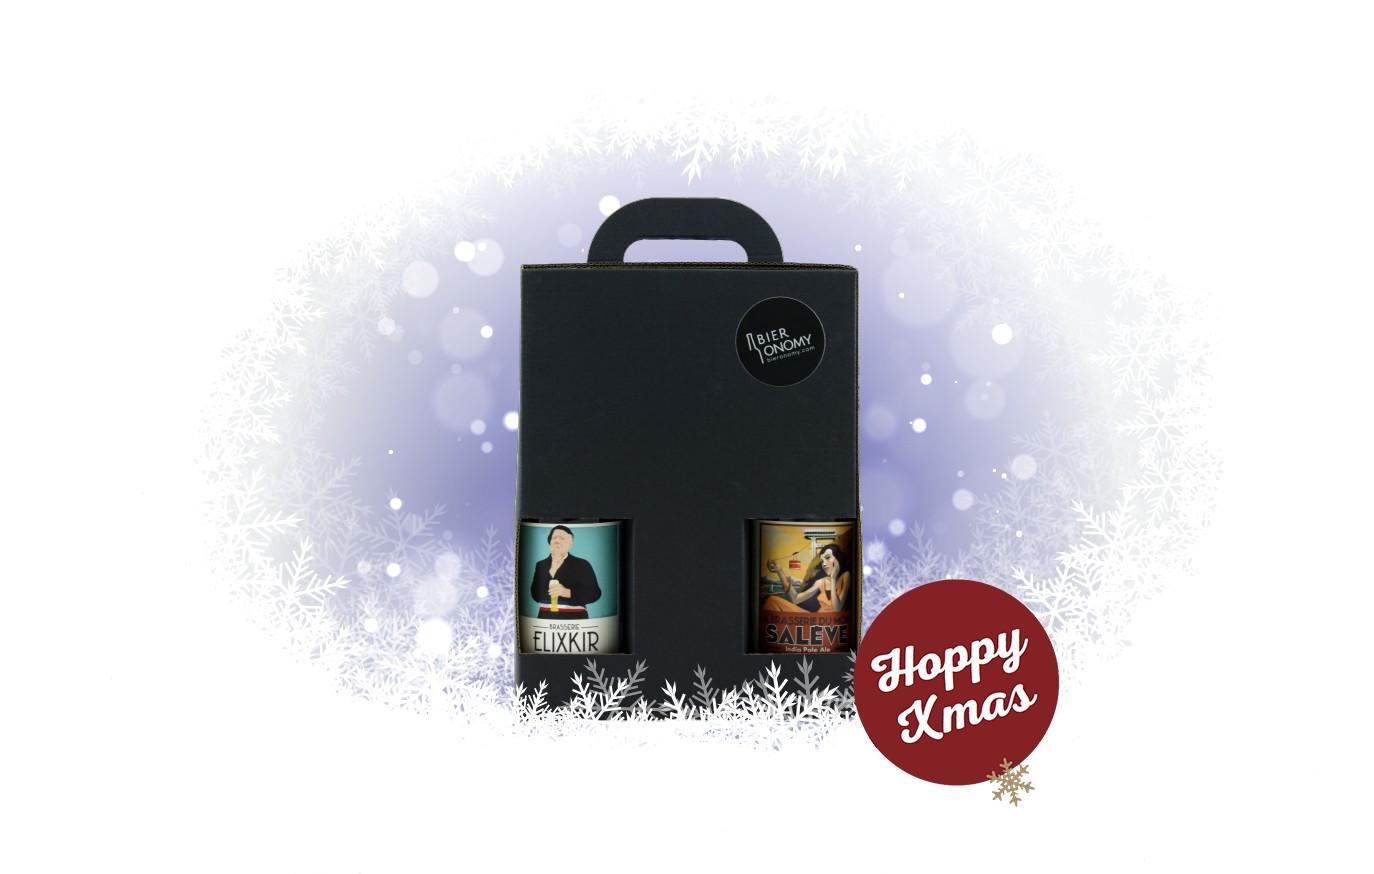 Coffret cadeau Noël pour les geeks !